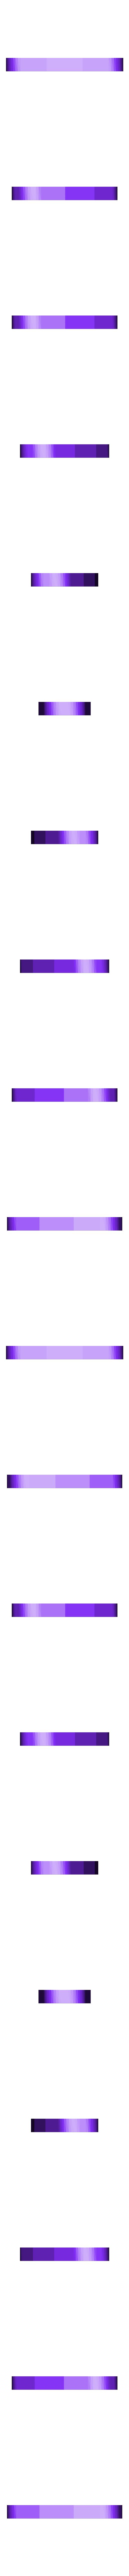 BLTouch_Spacer_3mm.STL Télécharger fichier STL gratuit Un support d'extrudeuse Stock-ish pour Anet A8 et Alike ! (Inclut la chaîne et la monture ou sans chaîne !) • Objet pour impression 3D, MorganLowe